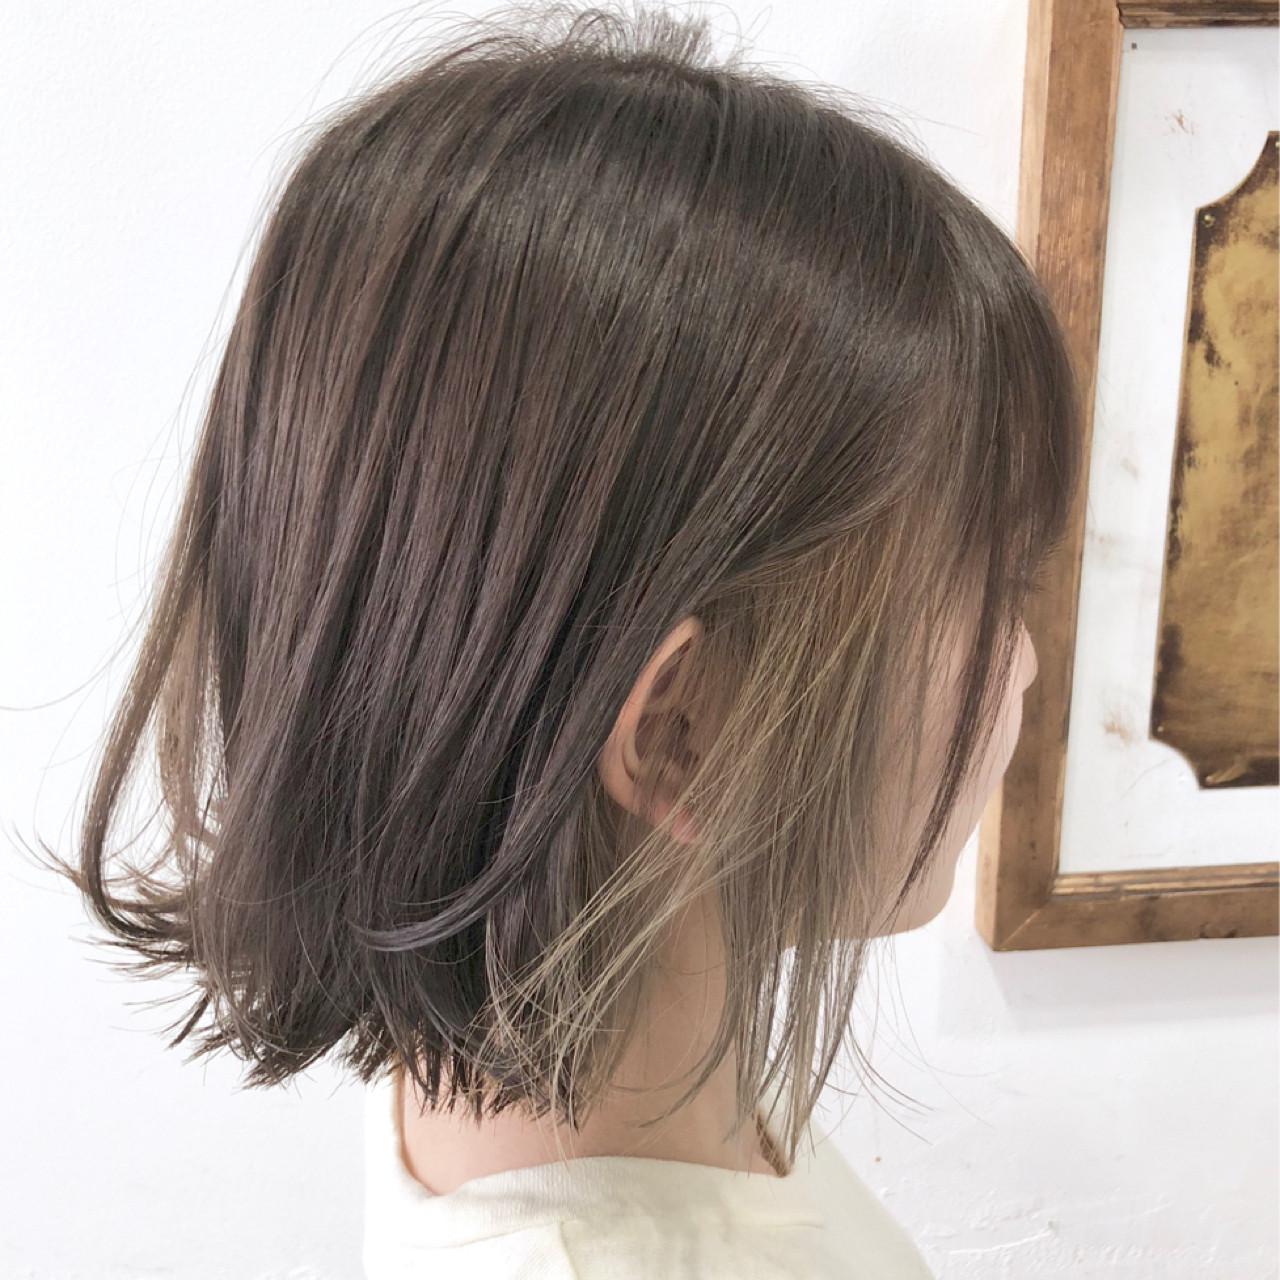 ヘアアレンジ ナチュラル 大人かわいい 前髪ありヘアスタイルや髪型の写真・画像